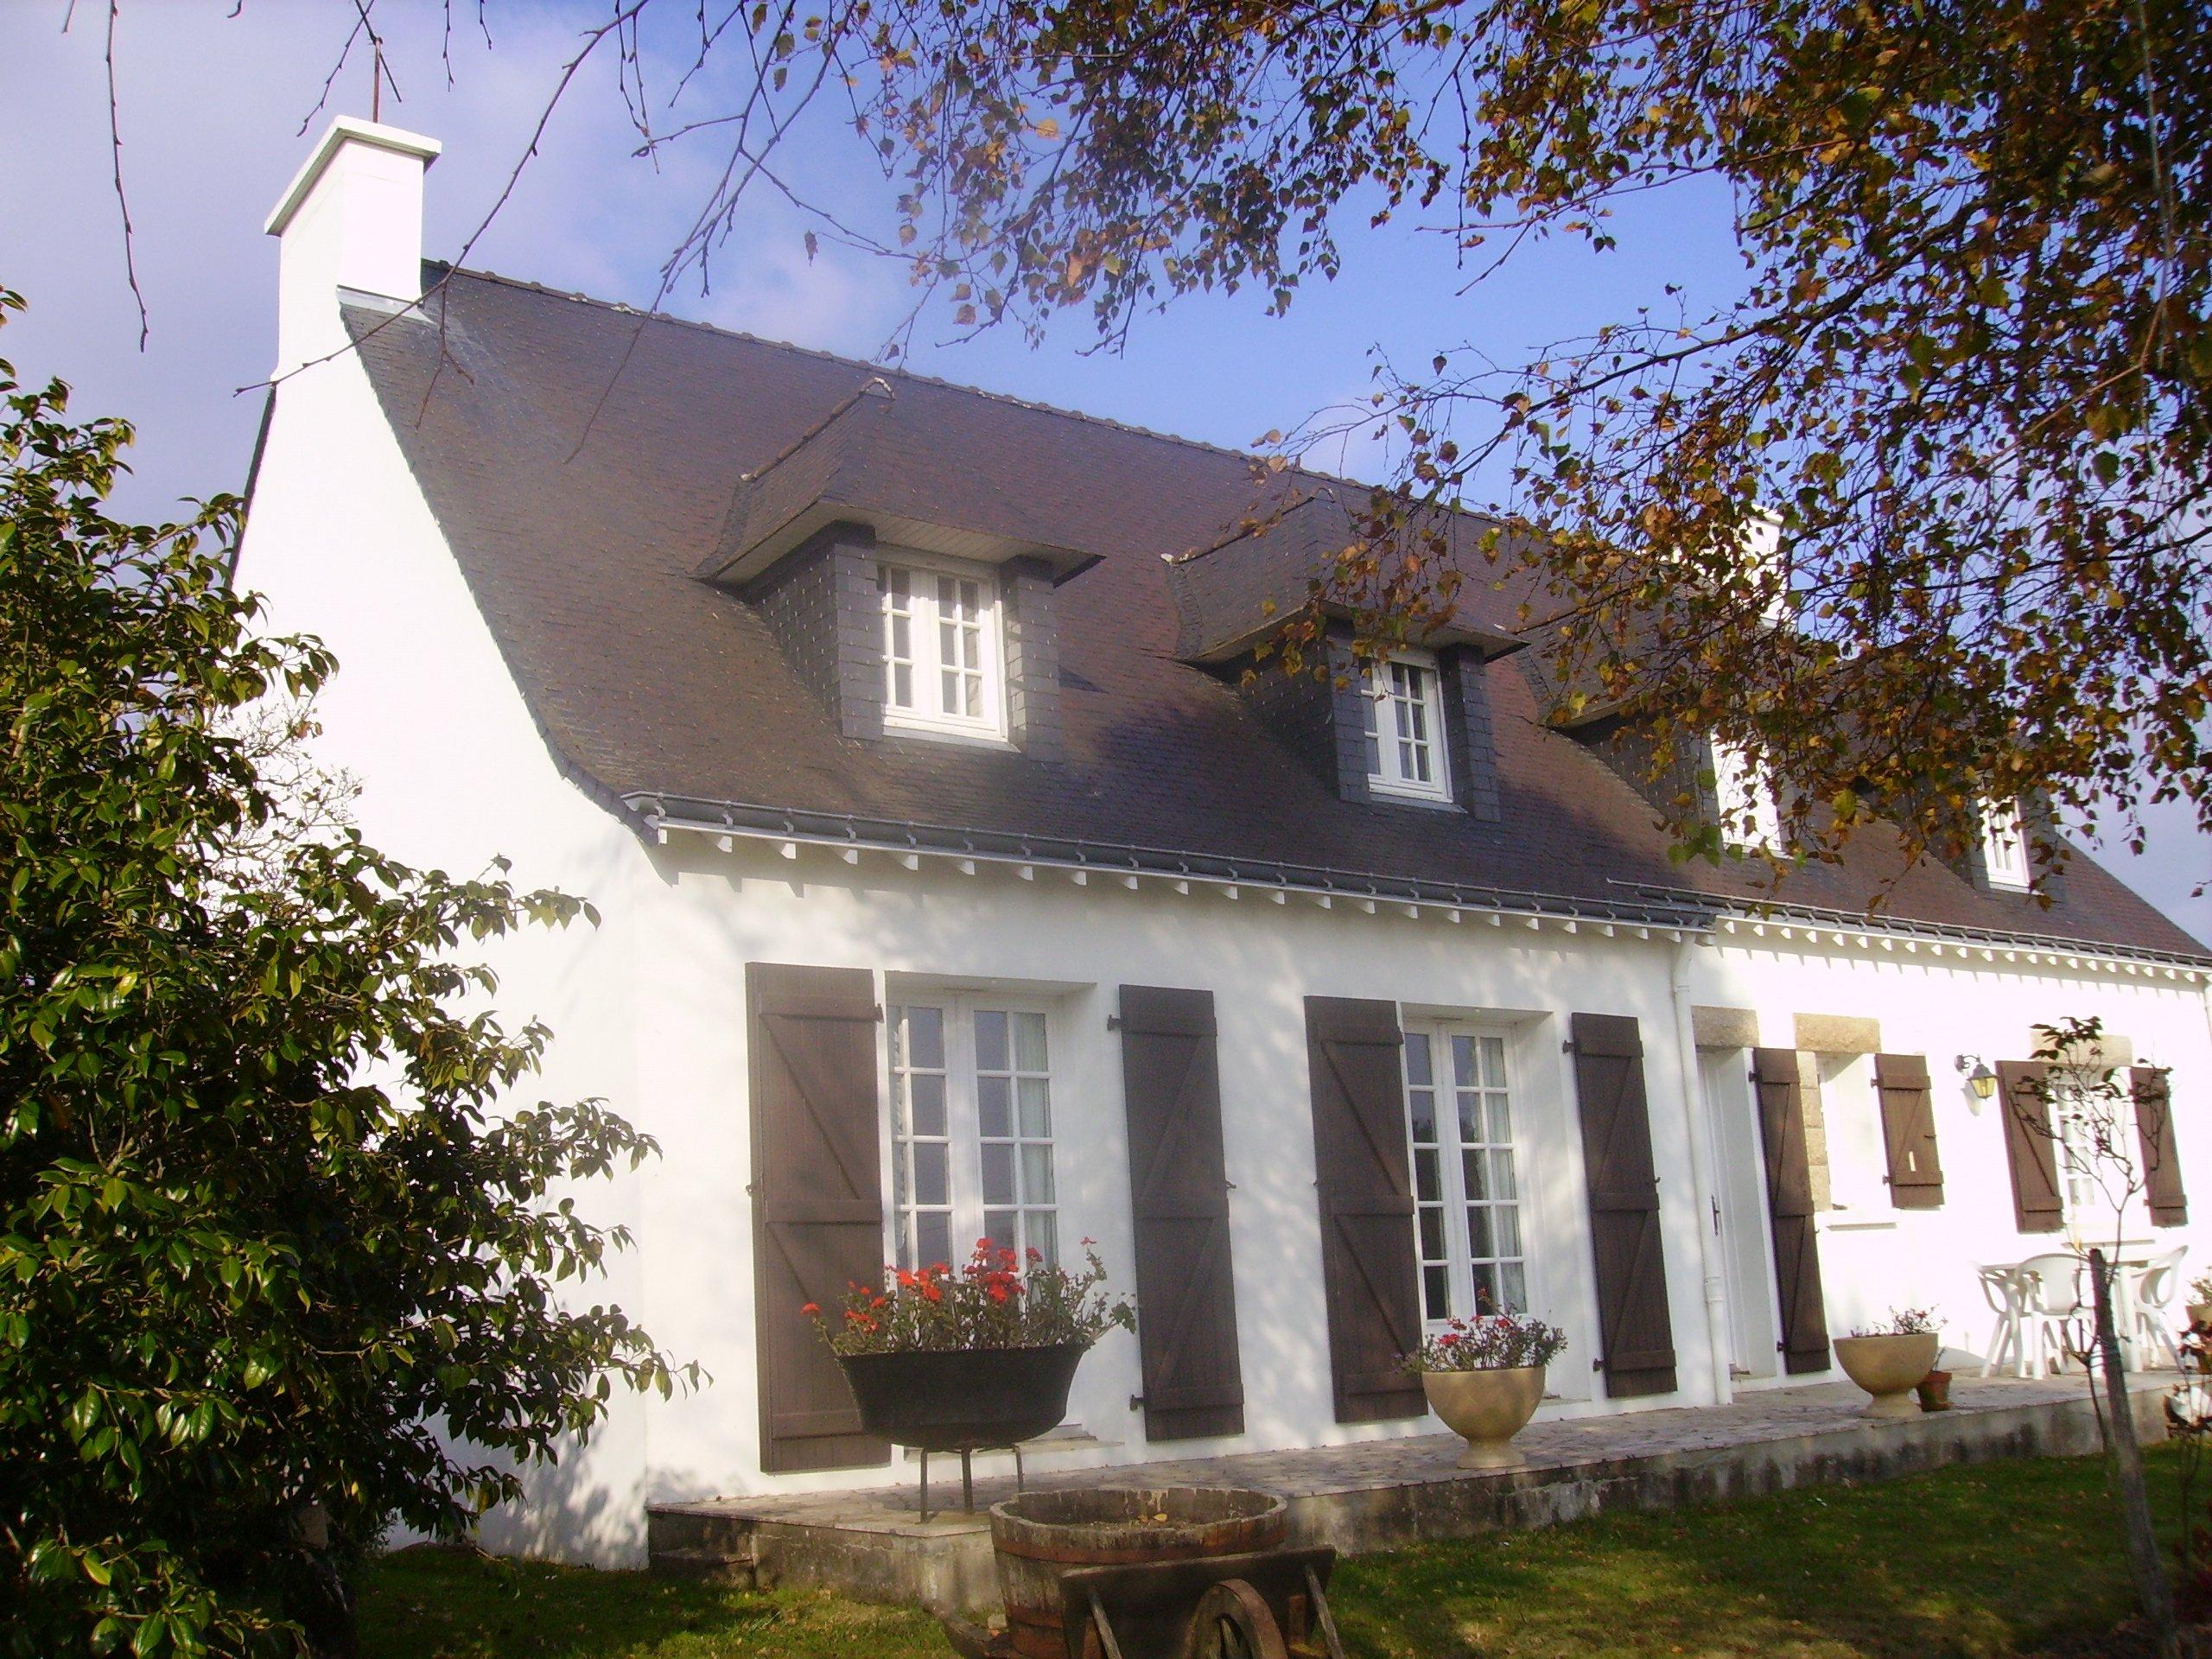 Vend maison traditionnelle bretonne proche auray 56 vente maison tradit - Maison traditionnelle bretonne ...